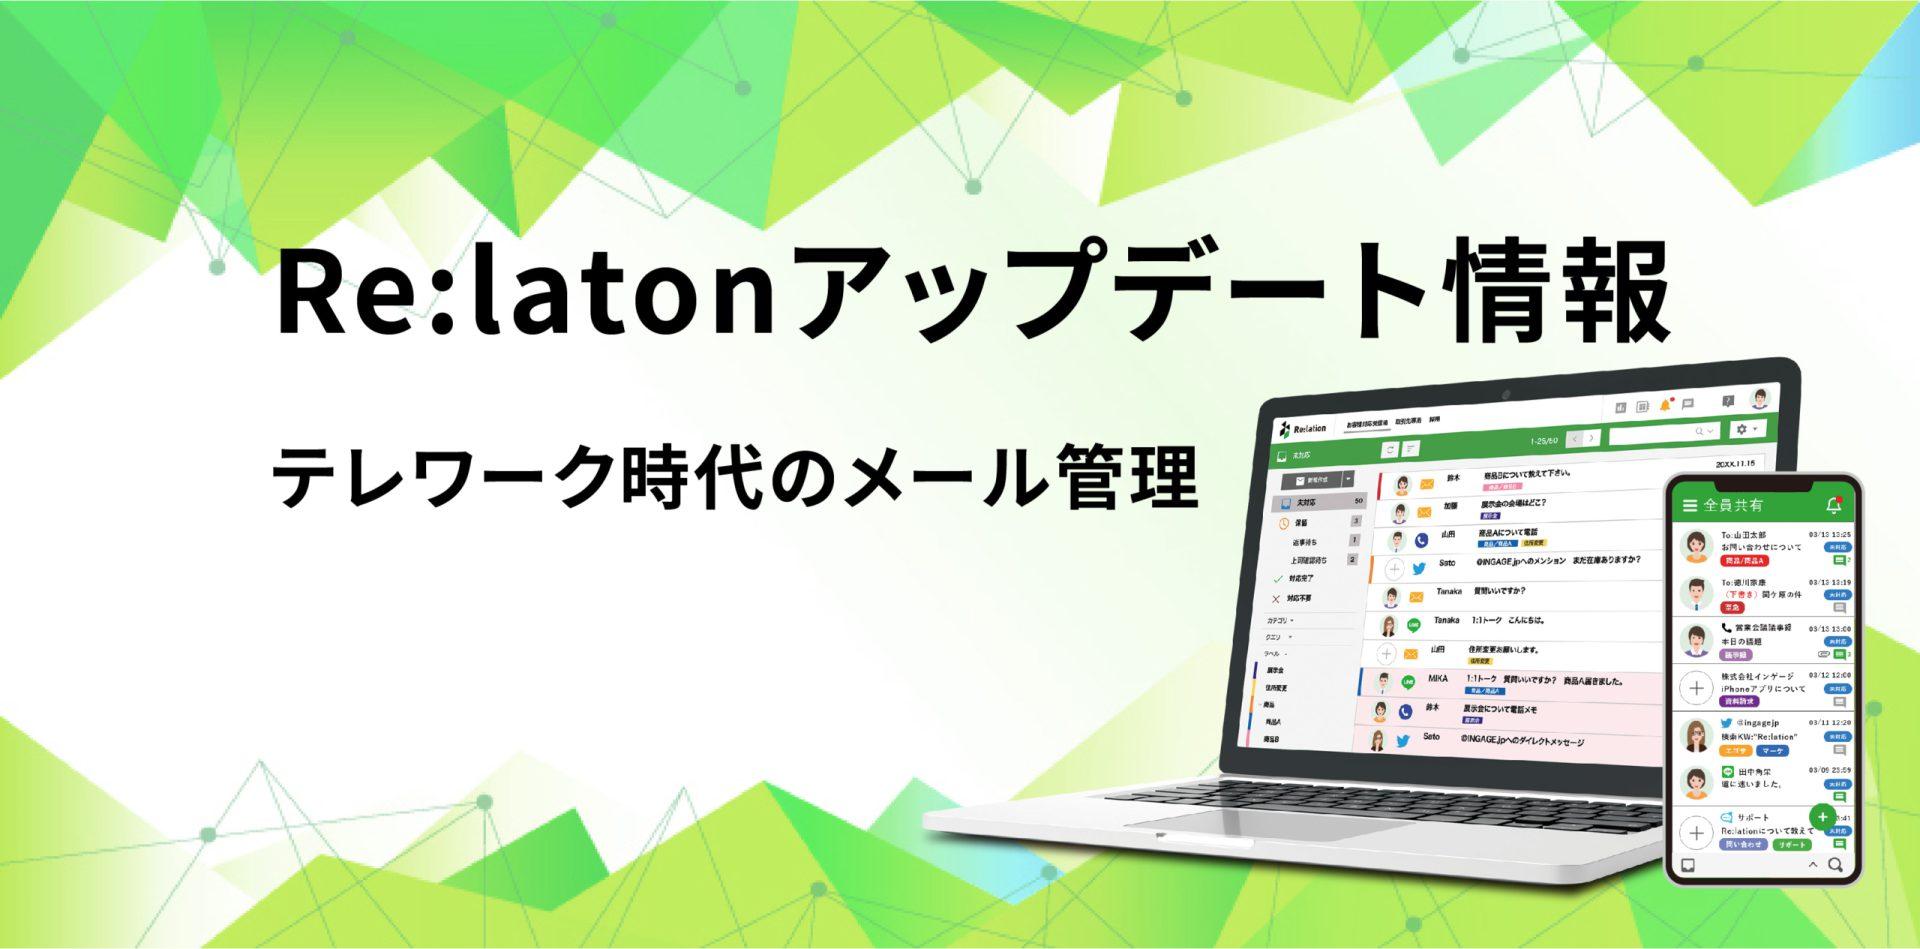 テレワーク時代のメール管理「Re:lation(リレーション)」07.30アップデート